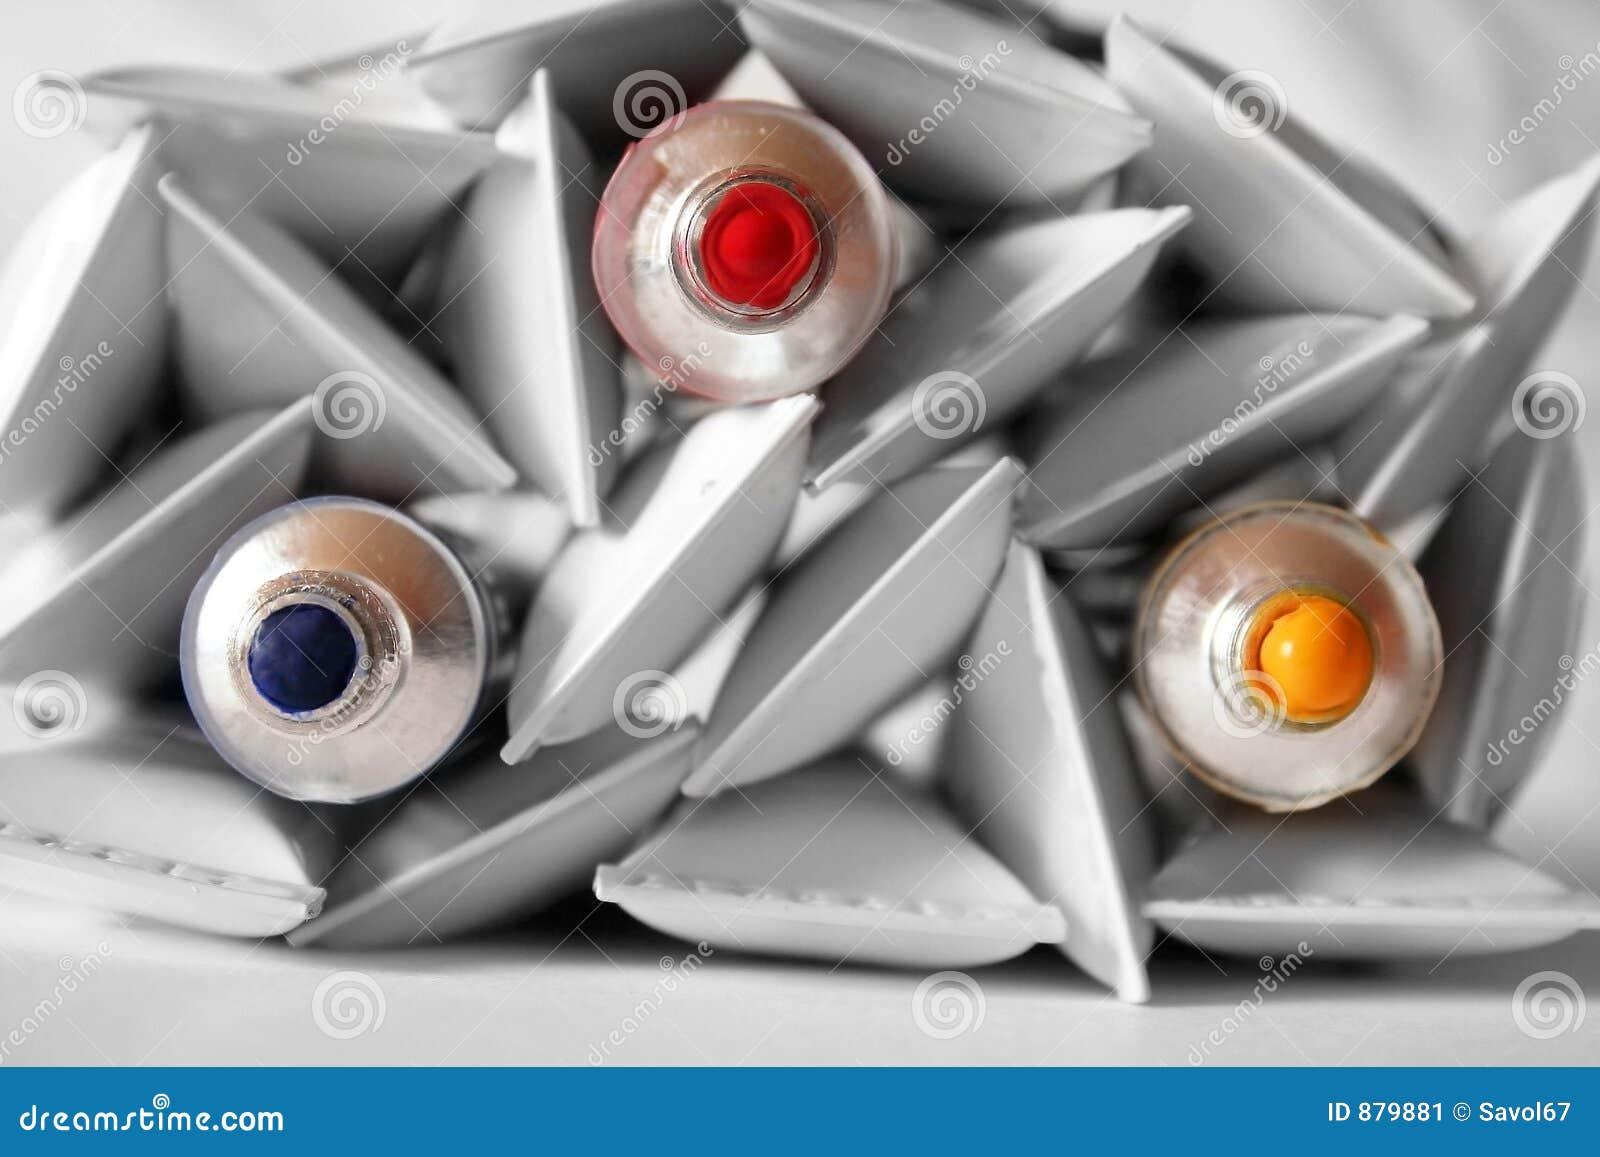 Tubes De Peinture  Couleurs Primaires Image stock  Image